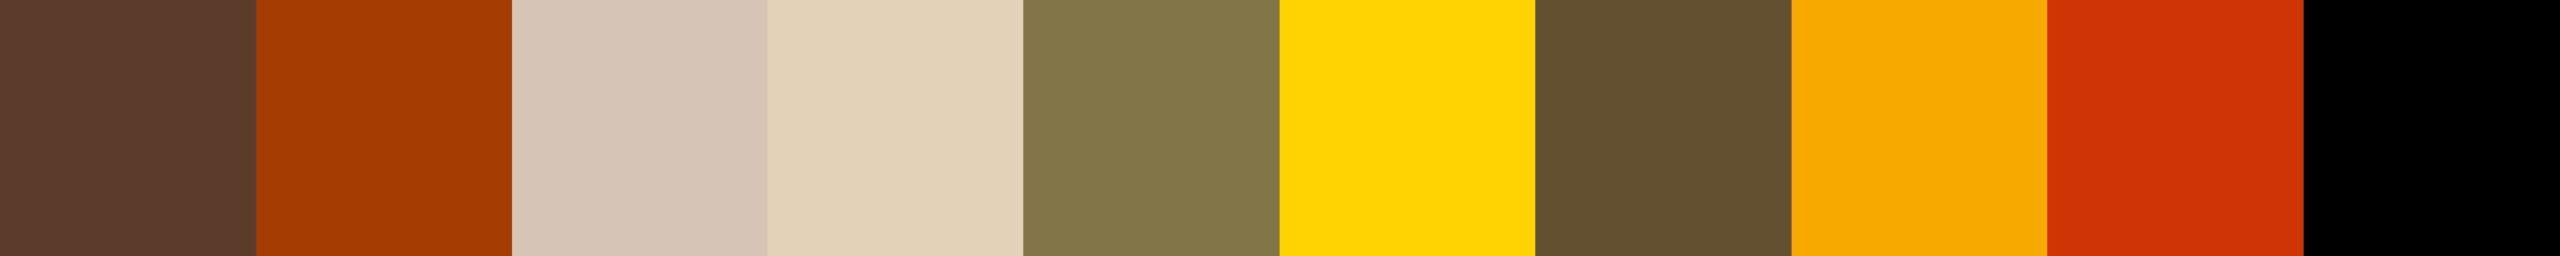 335 Alistante Color Palette